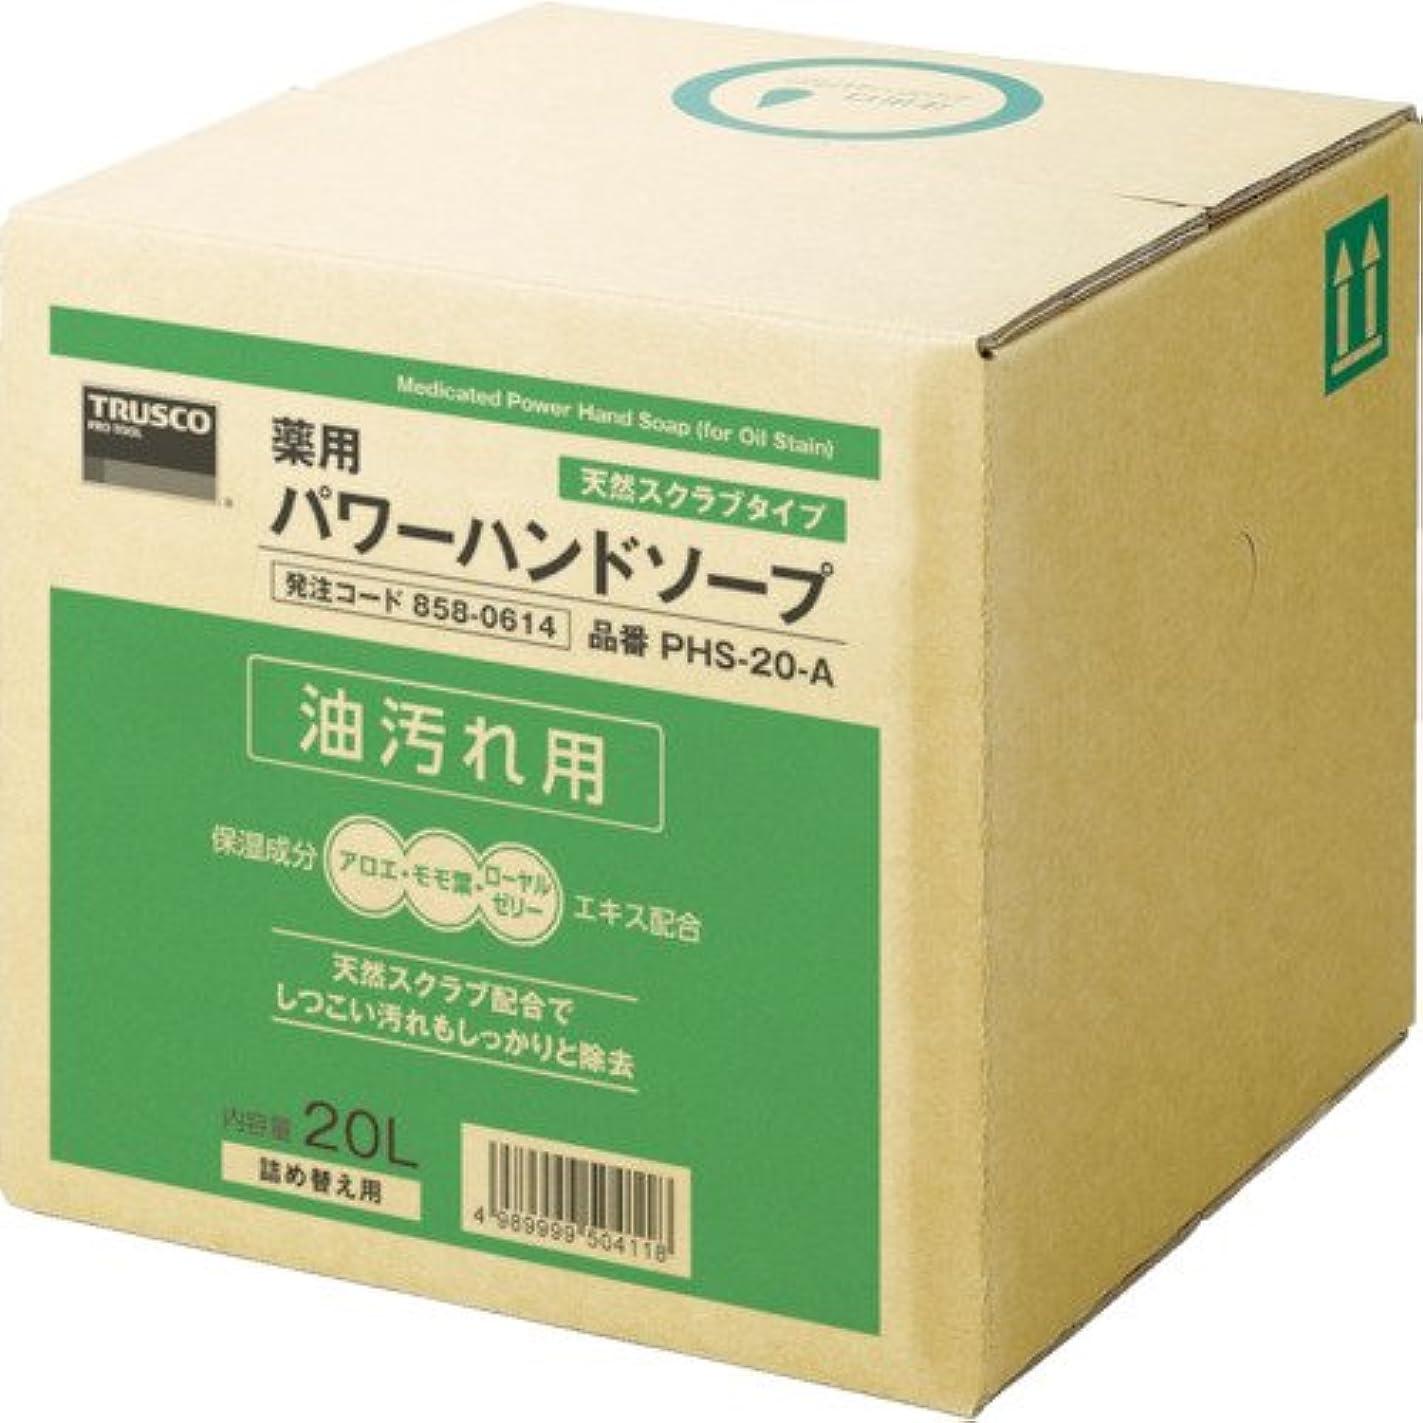 バイナリファッション敵対的トラスコ中山 株 TRUSCO 薬用パワーハンドソープ 20L PHS-20-A